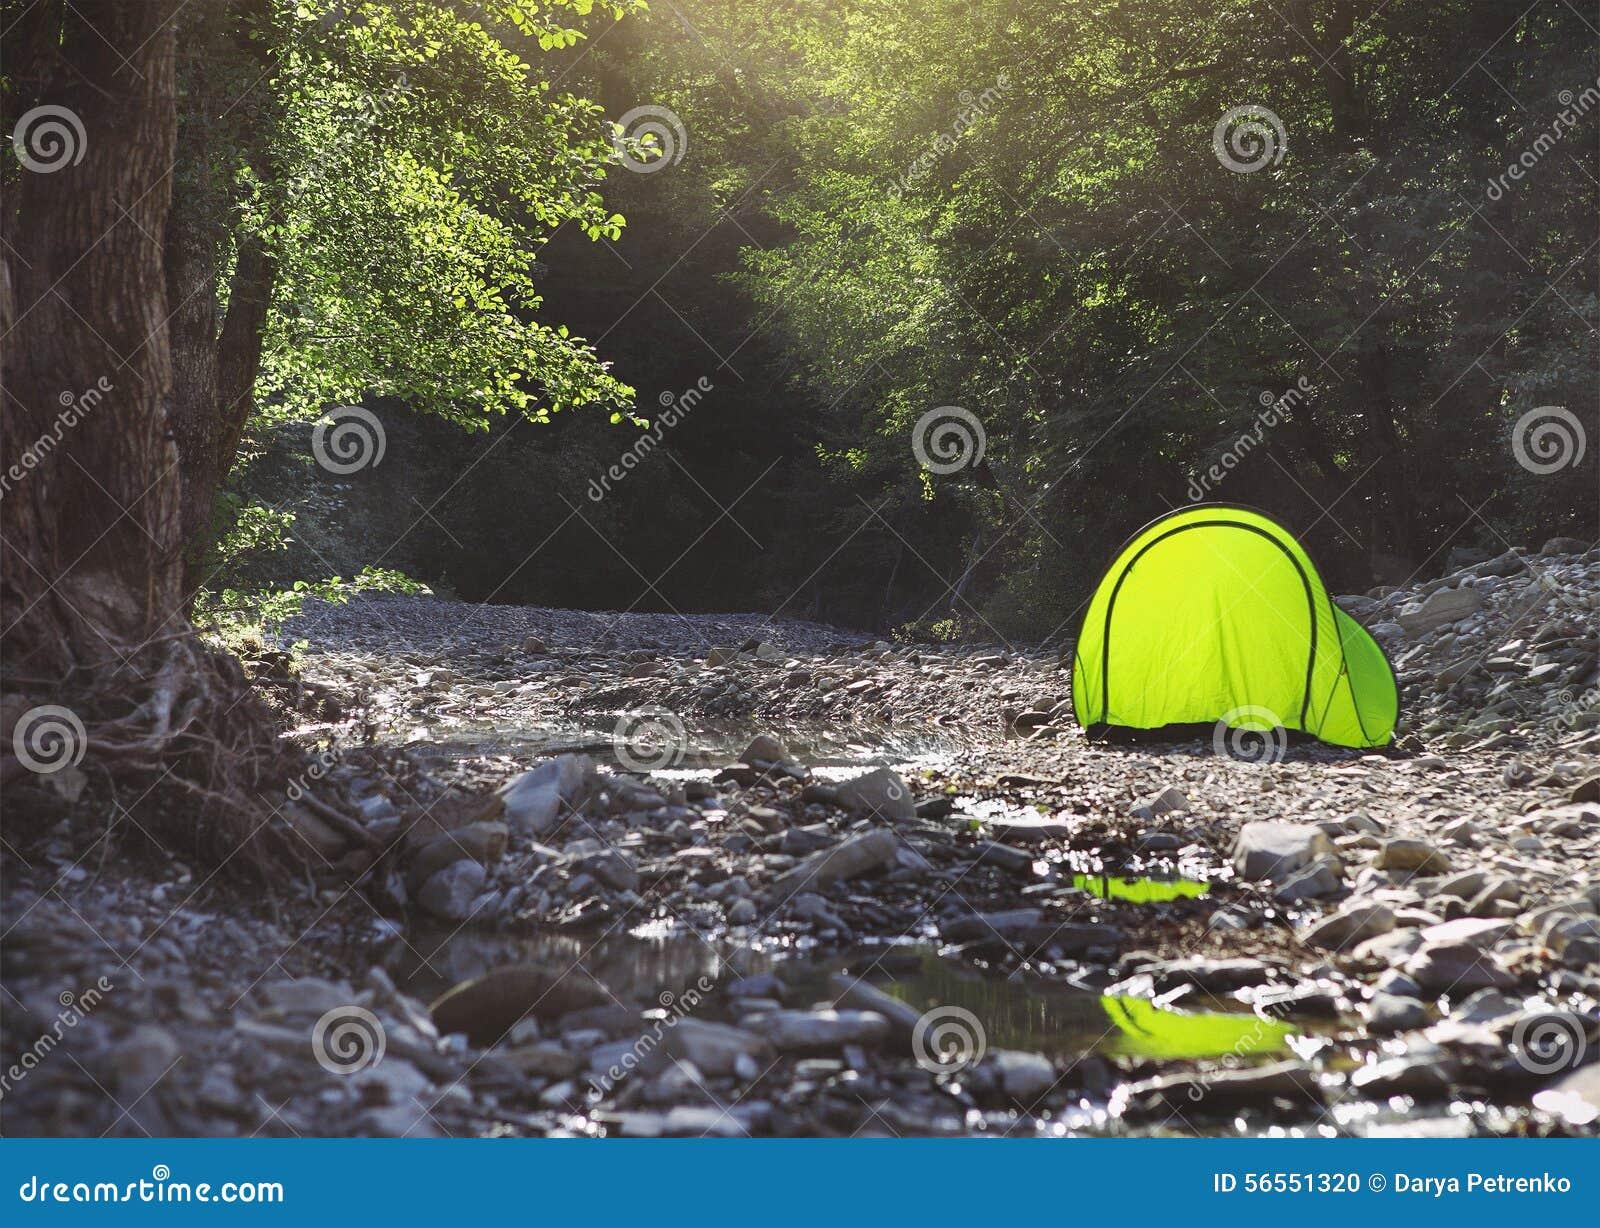 Download Σκηνή τουριστών στο στρατόπεδο κοντά στον ποταμό βουνών Στοκ Εικόνες - εικόνα από αναρριχηθείτε, campground: 56551320